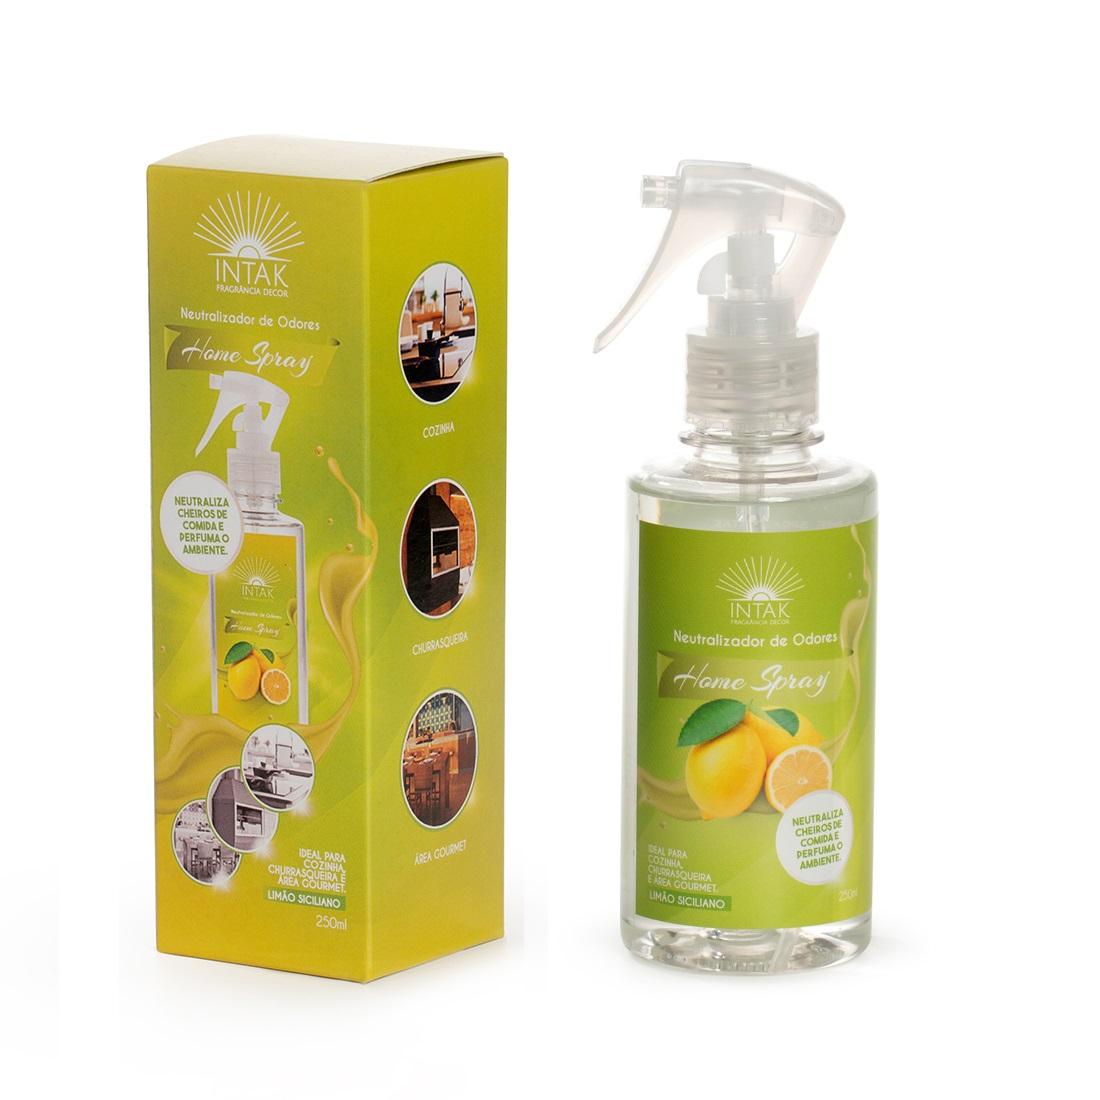 Home Spray Neutralizador 250ml - Limão Siciliano